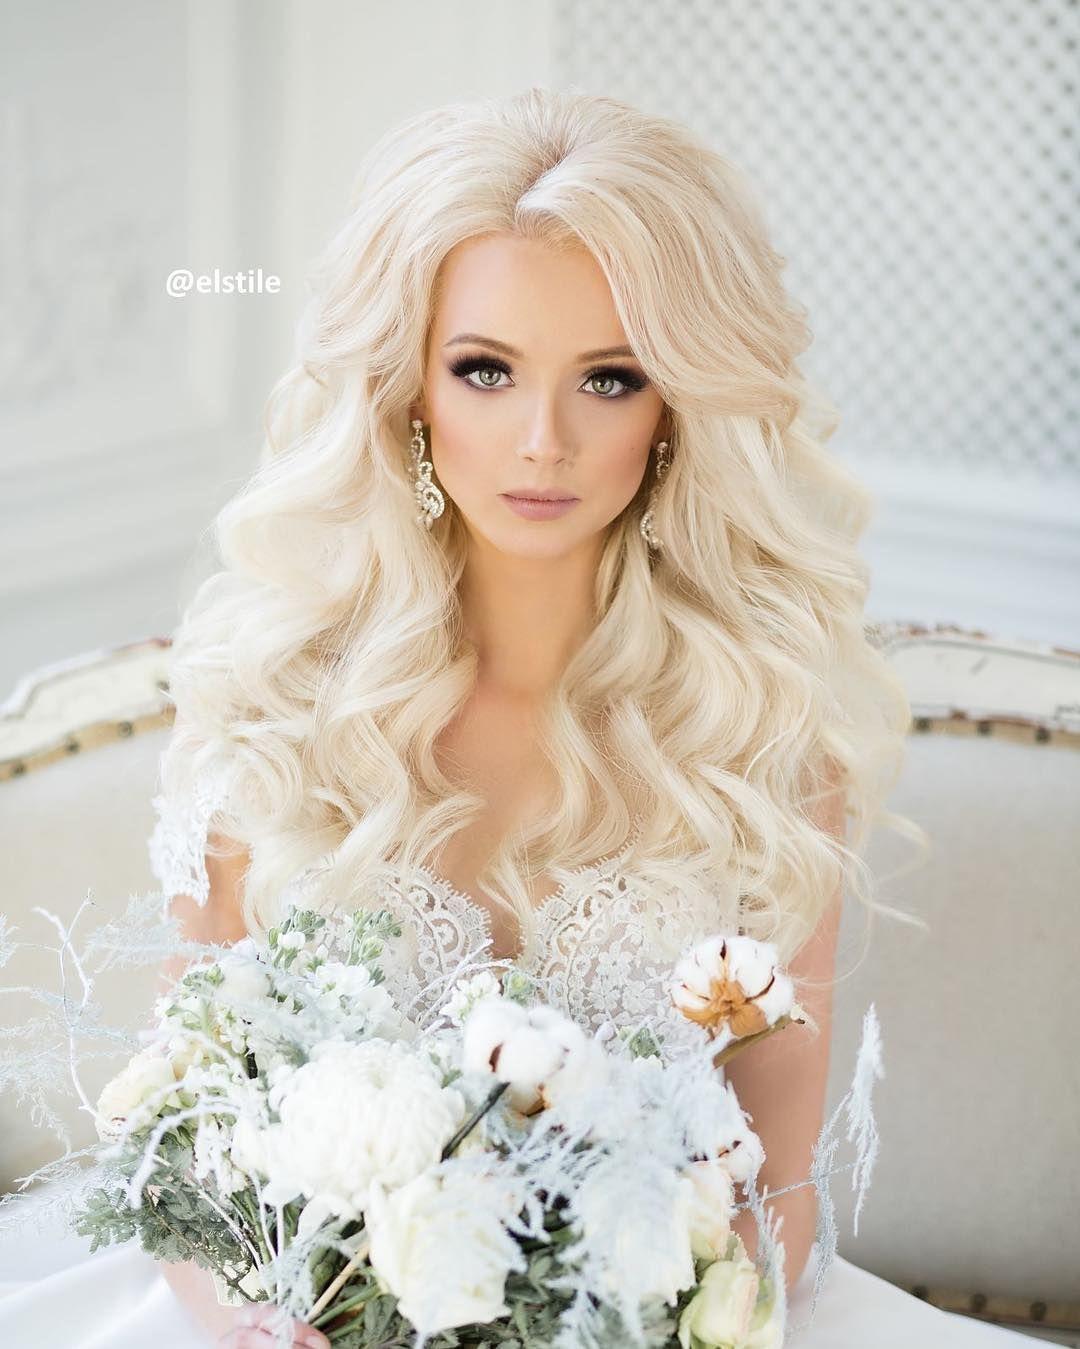 weddinghair #wedding #romantic | ❤ ♥нαρριℓу єνєя αfтєя ...